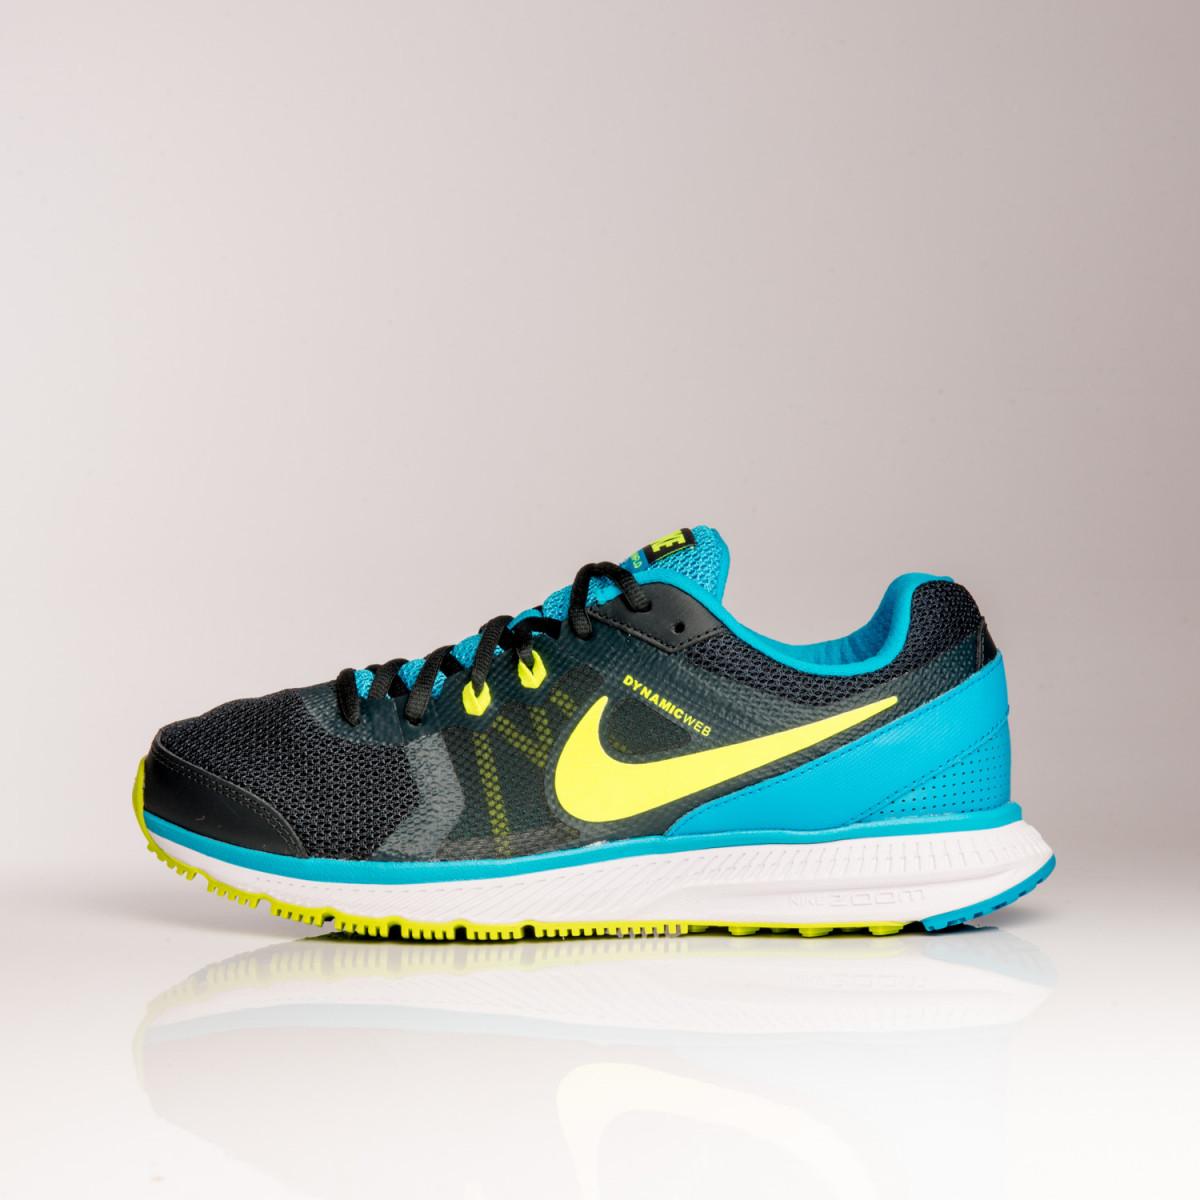 Zapatillas Nike Zoom Winflo